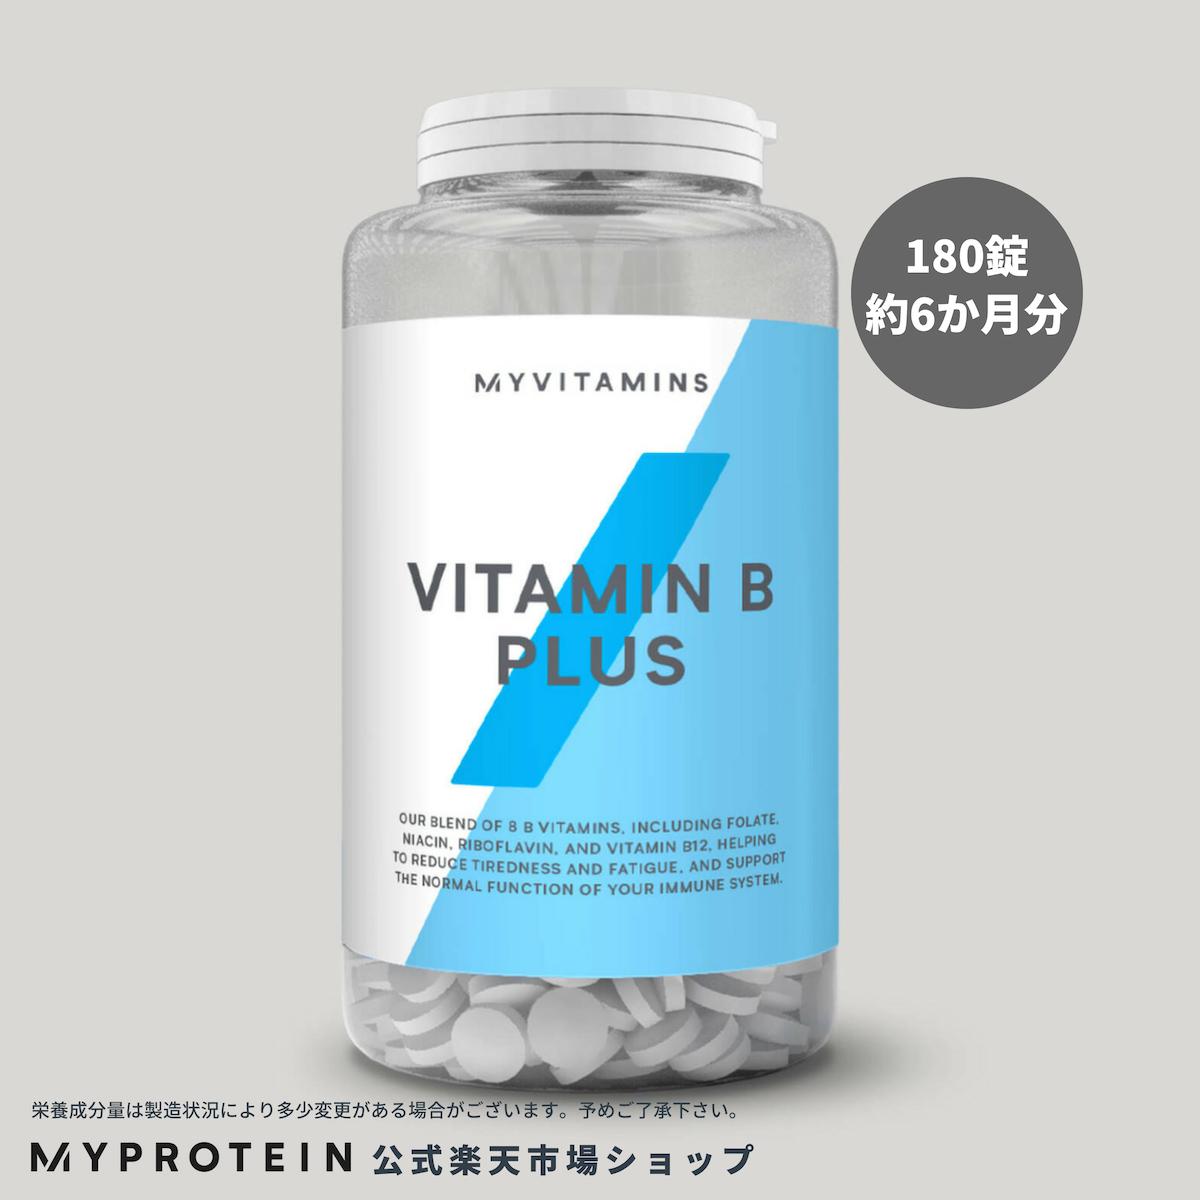 マイプロテイン 公式 【MyProtein】 ビタミンB プラス 180錠 約6ヶ月分| サプリメント サプリ ビタミンB6 ビタミンB12 ビタミン剤 栄養補助 栄養補助商品 美容サプリ 美容サプリメント 健康サプリ